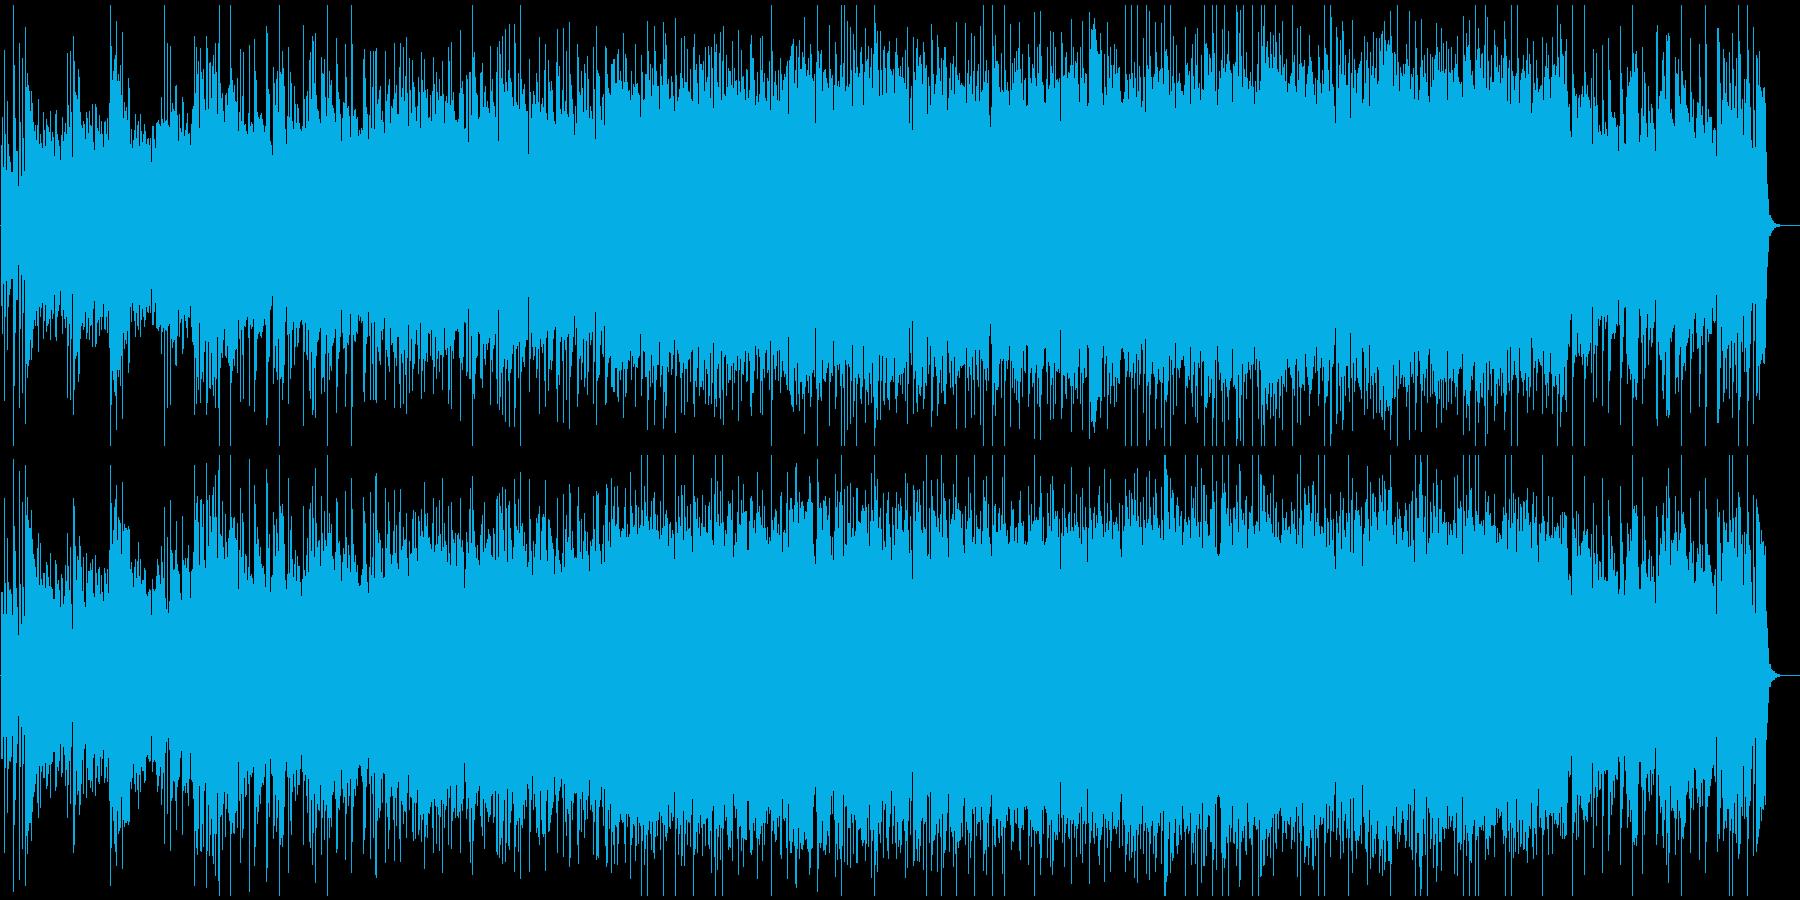 渋いグランジロック・生ギター・ショートの再生済みの波形